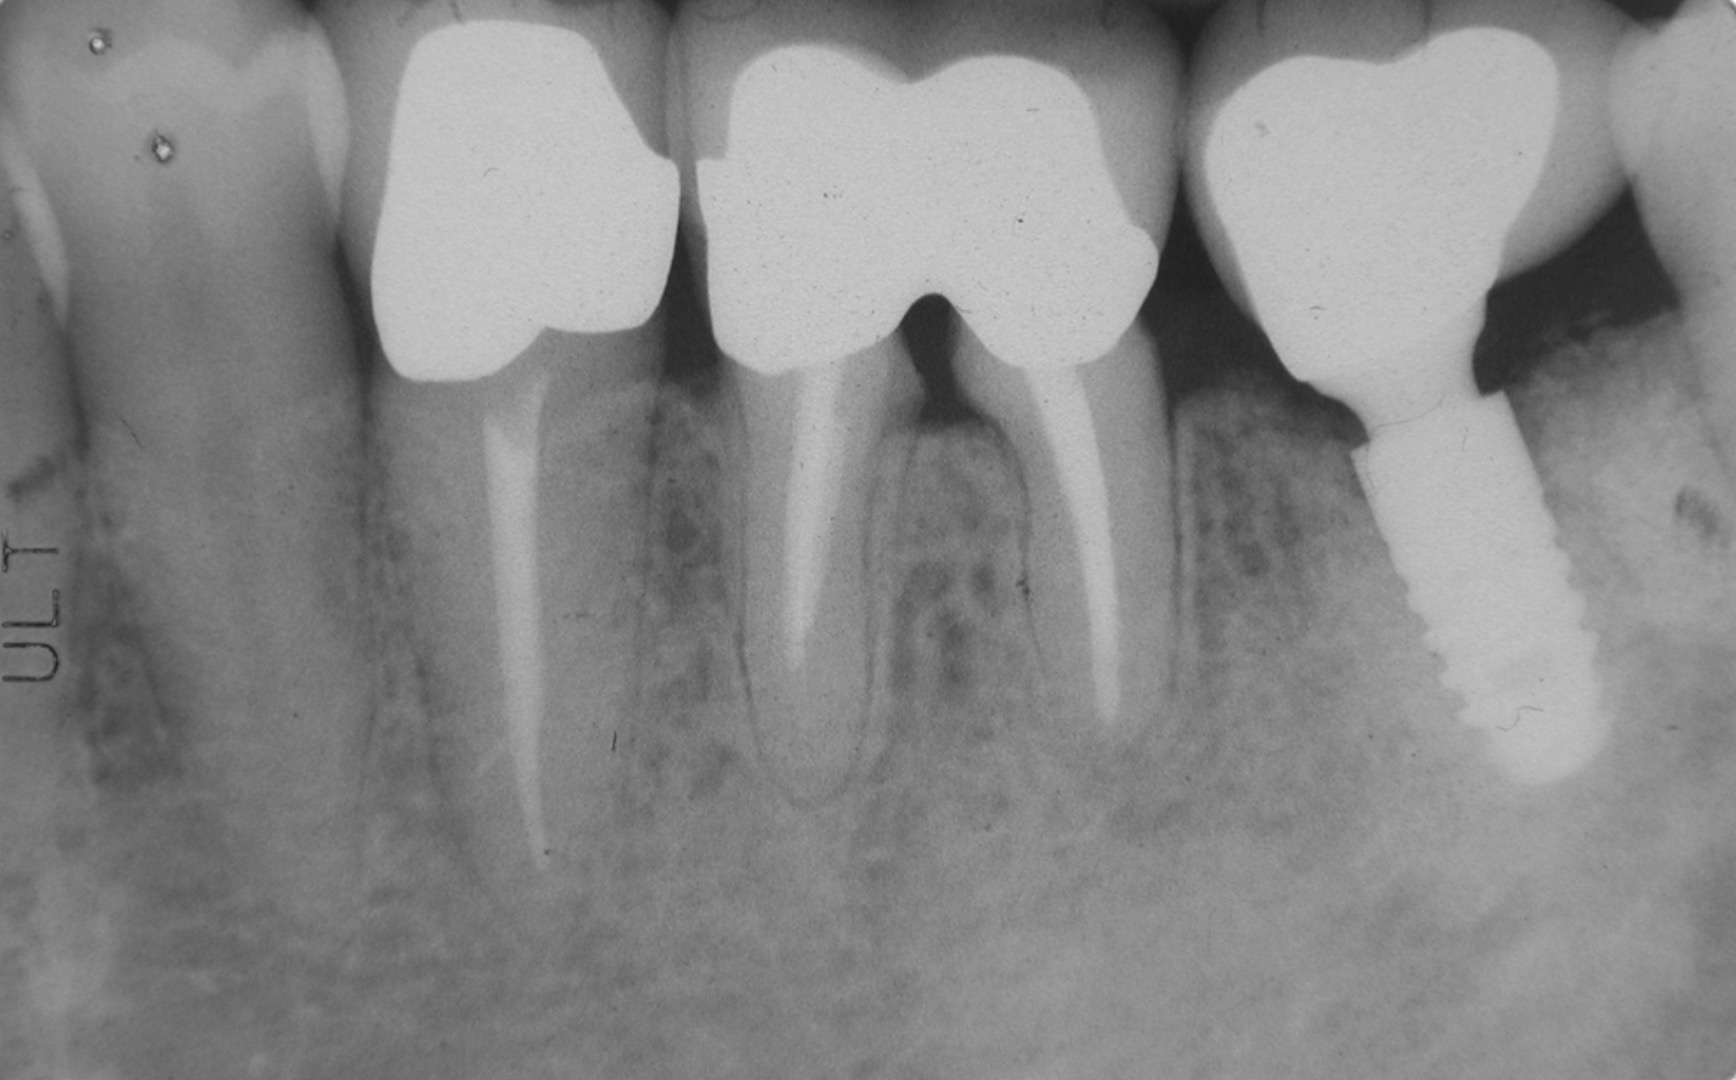 齒槽骨是什麼?您知道齒槽骨流失有多嚴重嗎?